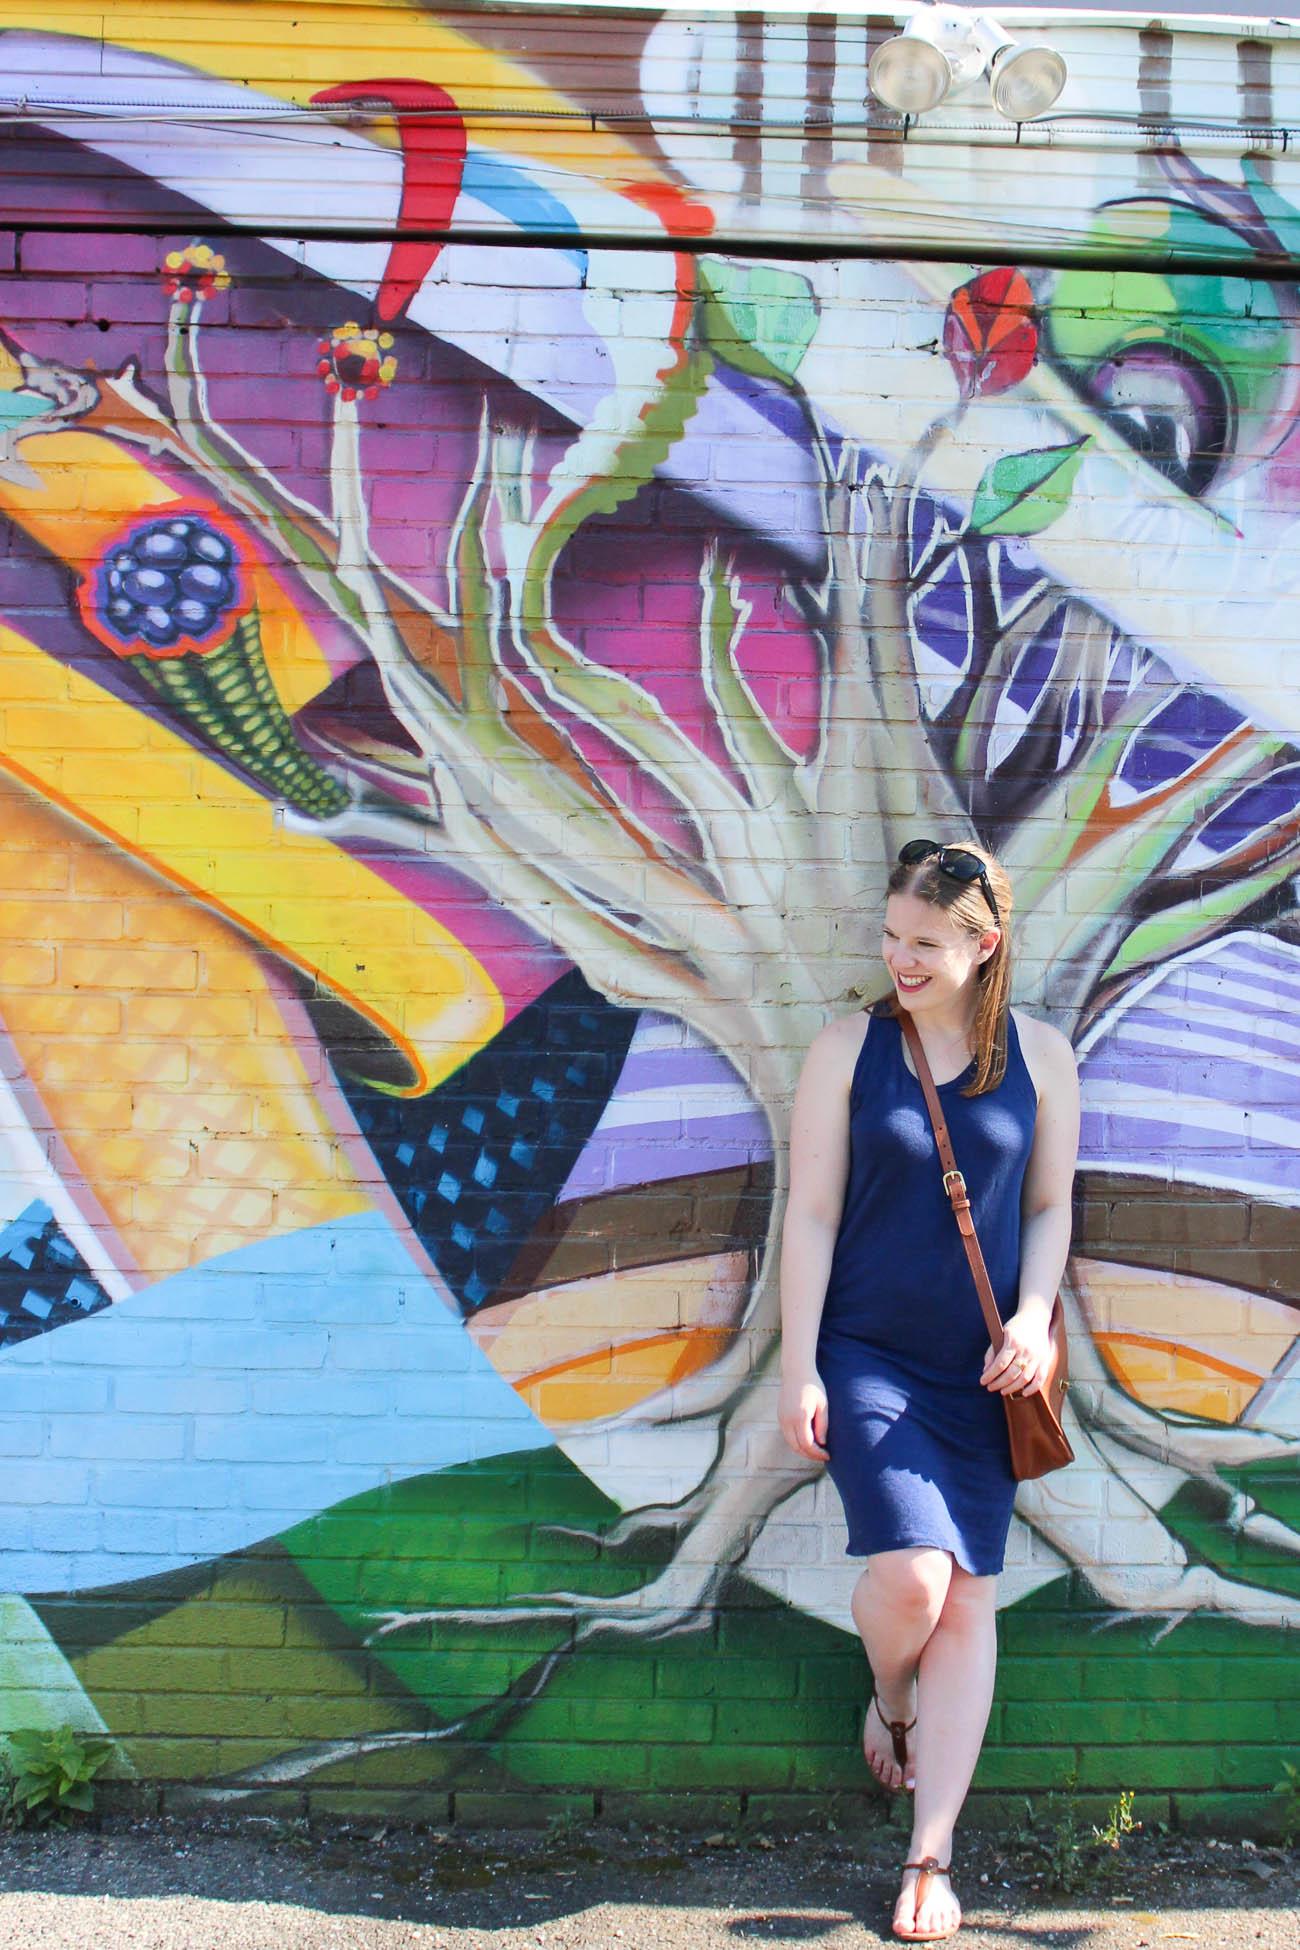 Surviving Summer Heat With A Linen Tank Dress | Something Good, @danaerinw , everlane linen tank dress, navy dress, navy tank dress, linen dress, women's fashion, summer fashion, summer clothing, style, sandals, brown sandals, crossbody bag, mural, cognac bag,